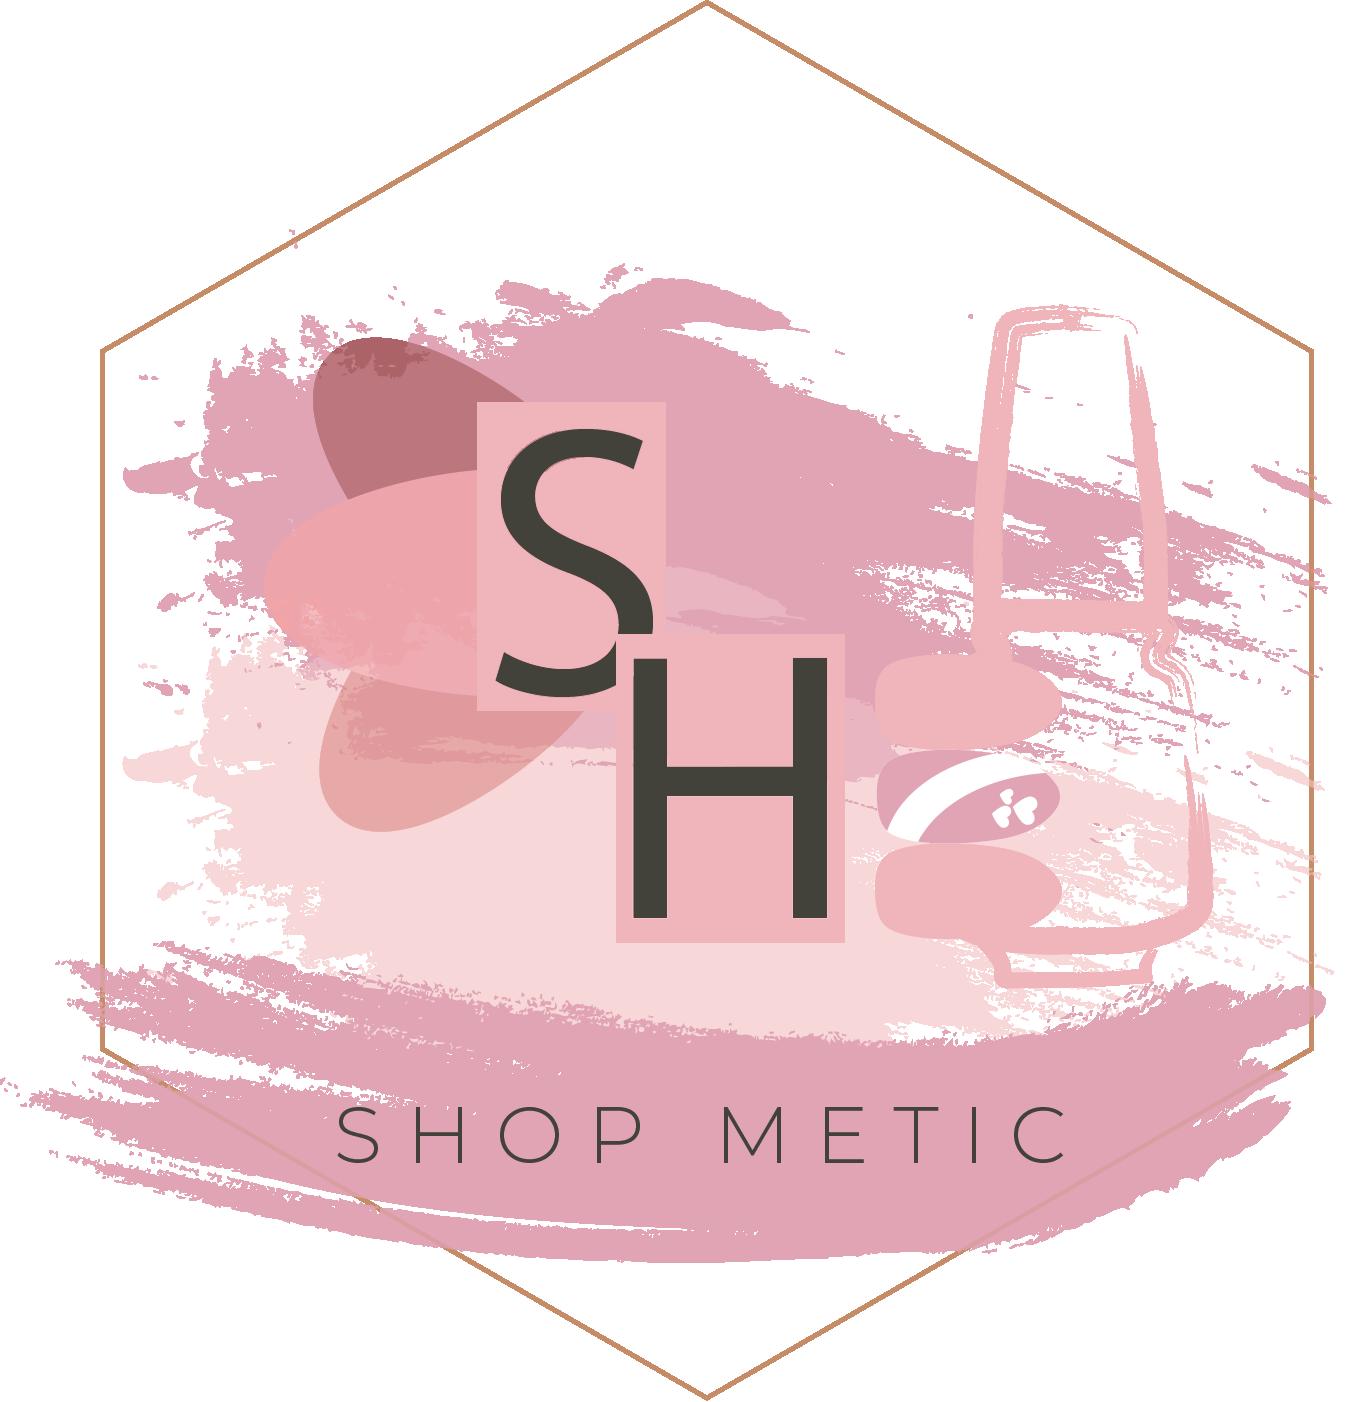 فروشگاه اینترنتی شاپ متیک